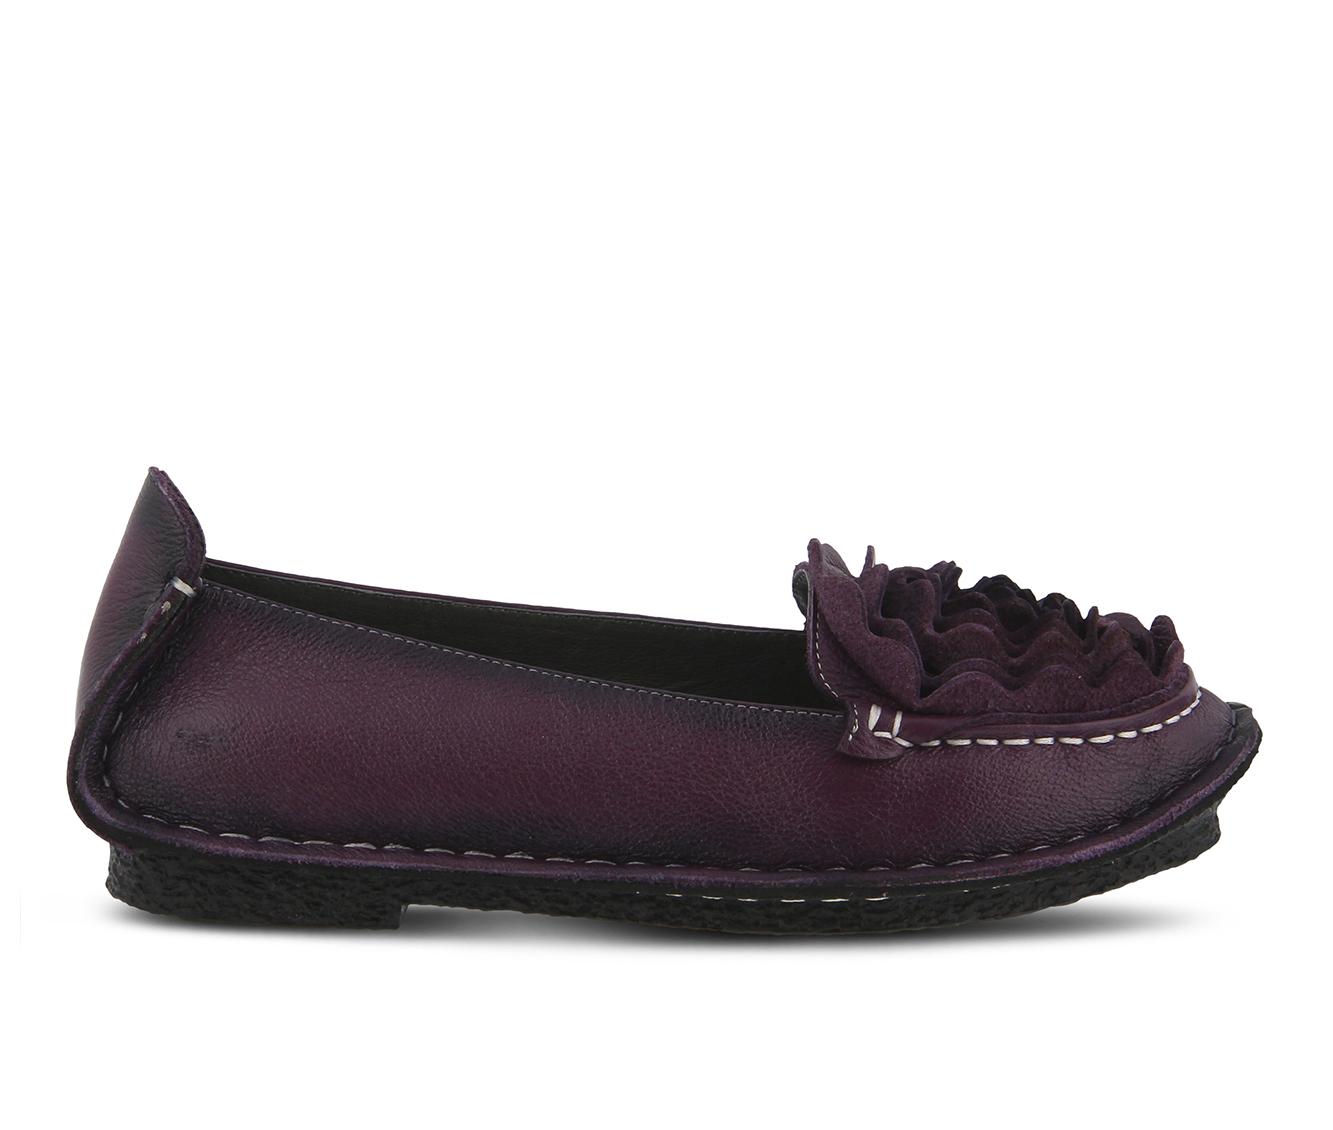 L'Artiste Dezi Women's Shoe (Purple Leather)